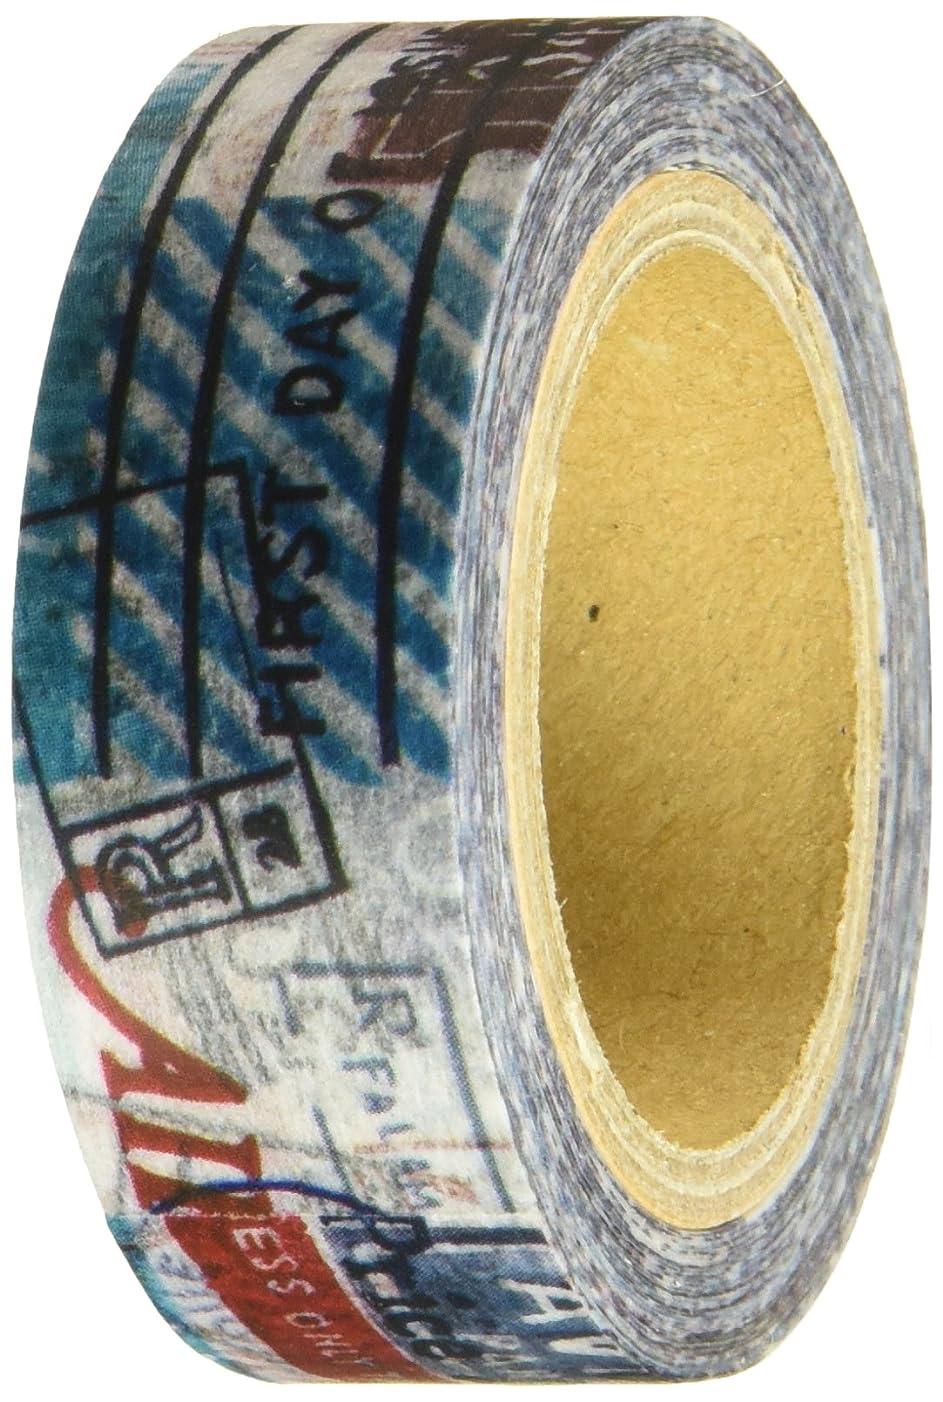 Roundtop Designer's Washi Masking Tape 15mm x 10m, Syoukei, Deadline (MTW-1307-004)